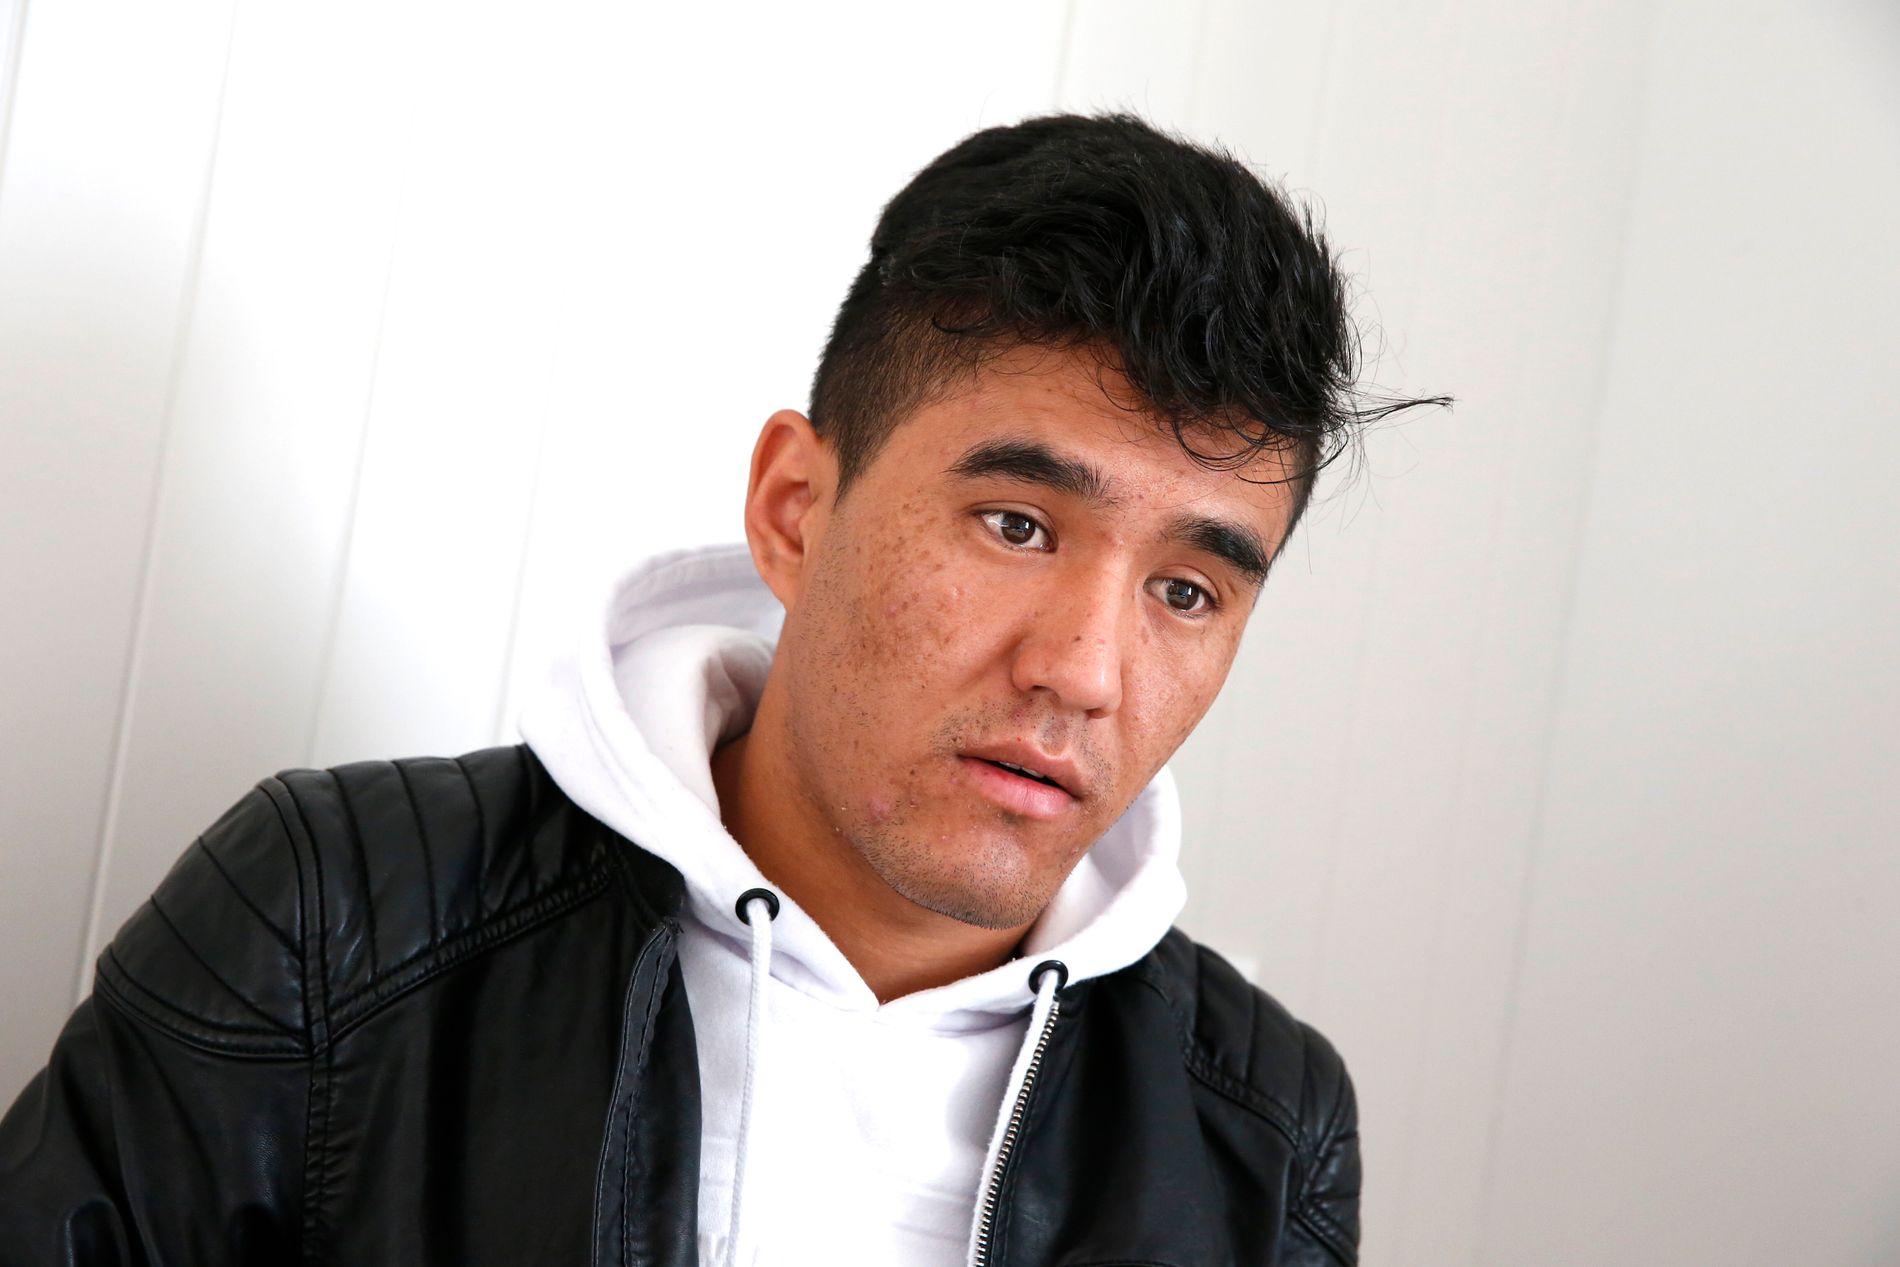 MED TVANG: Mustafa hadde som mange unge afghanere bare opphold i Norge til han fylte 18 år. Nå sitter han på Politiets utlendingsinternat, fordi politiet ønsker å tvangsreturnere ham.